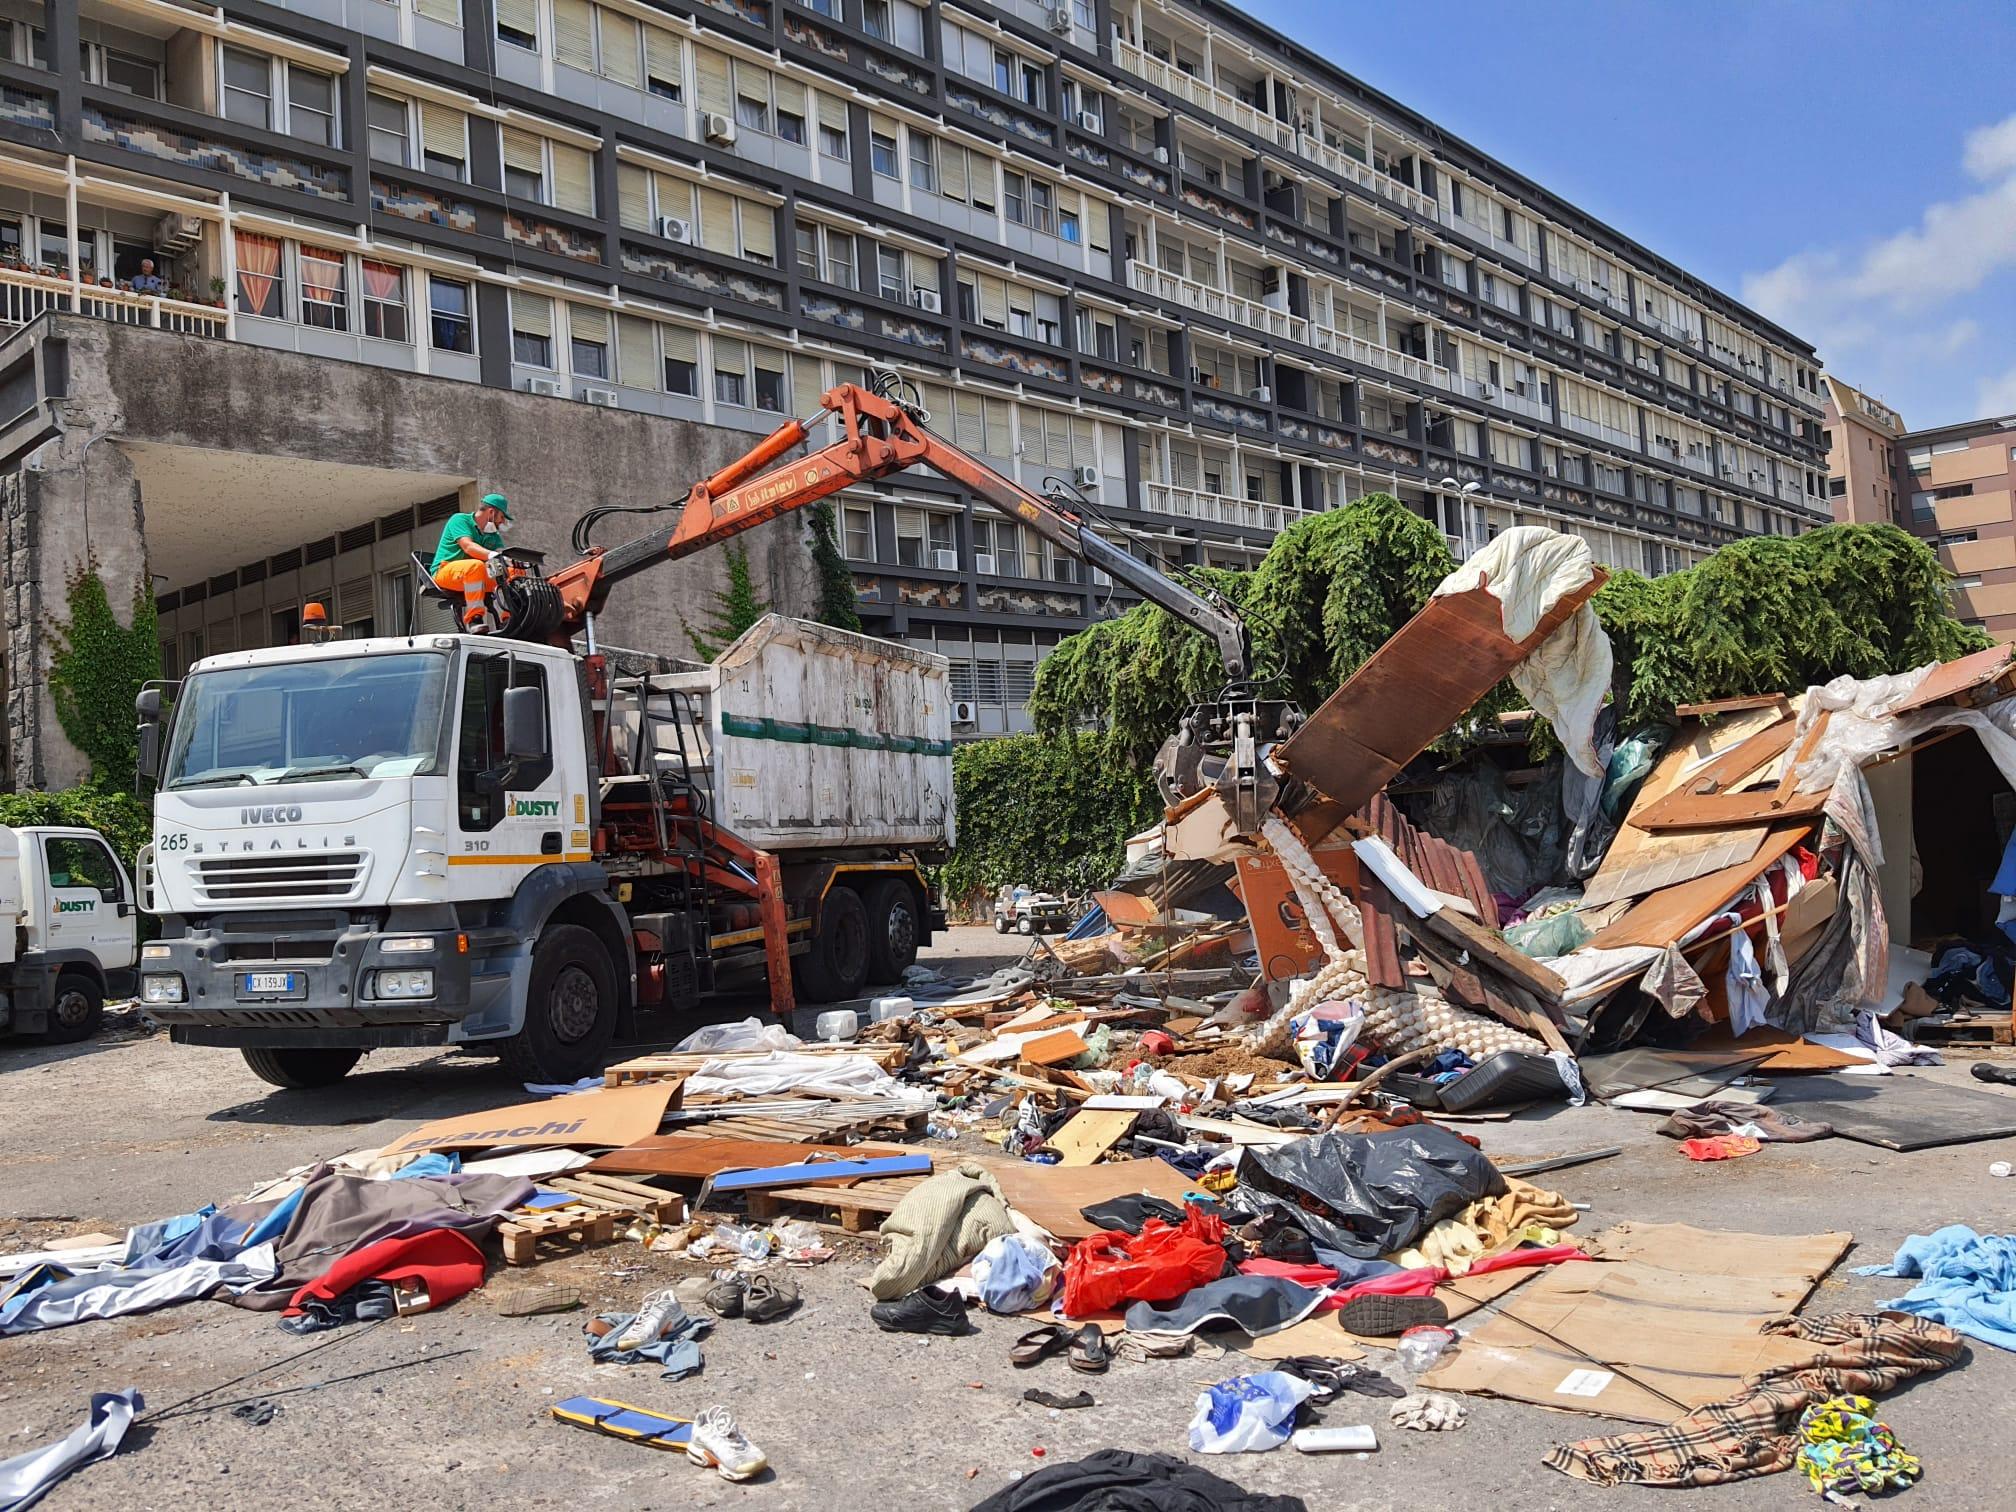 Catania, liberata l'aria privata vicina a piazza della Repubblica: sgomberate 8 tonnellate di rifiuti